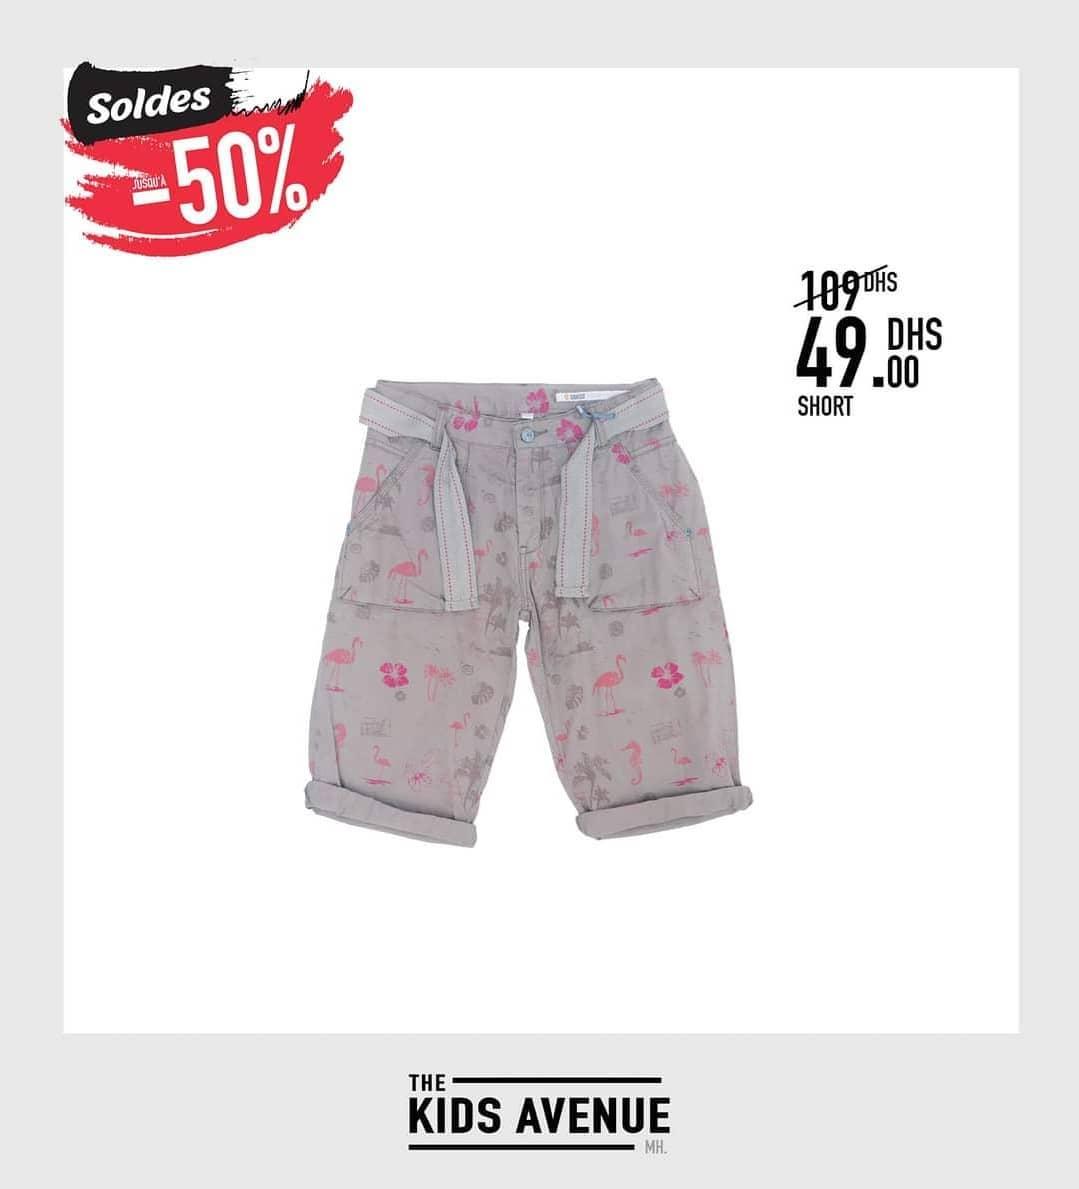 Soldes kids Avenue MH Short pour fille 49Dhs au lieu de 109Dhs